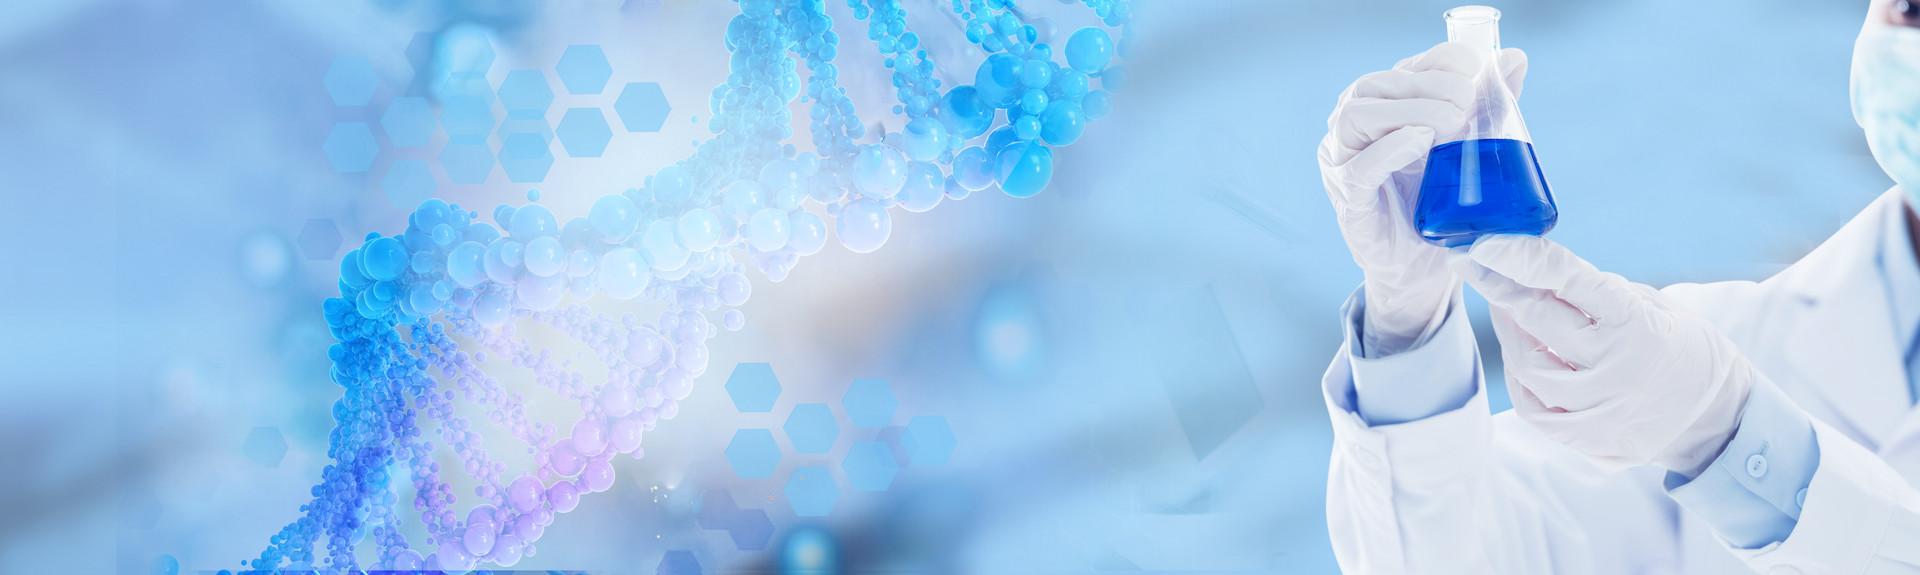 根据酵素所催化的反应性质的不同,将酵素分成六大类